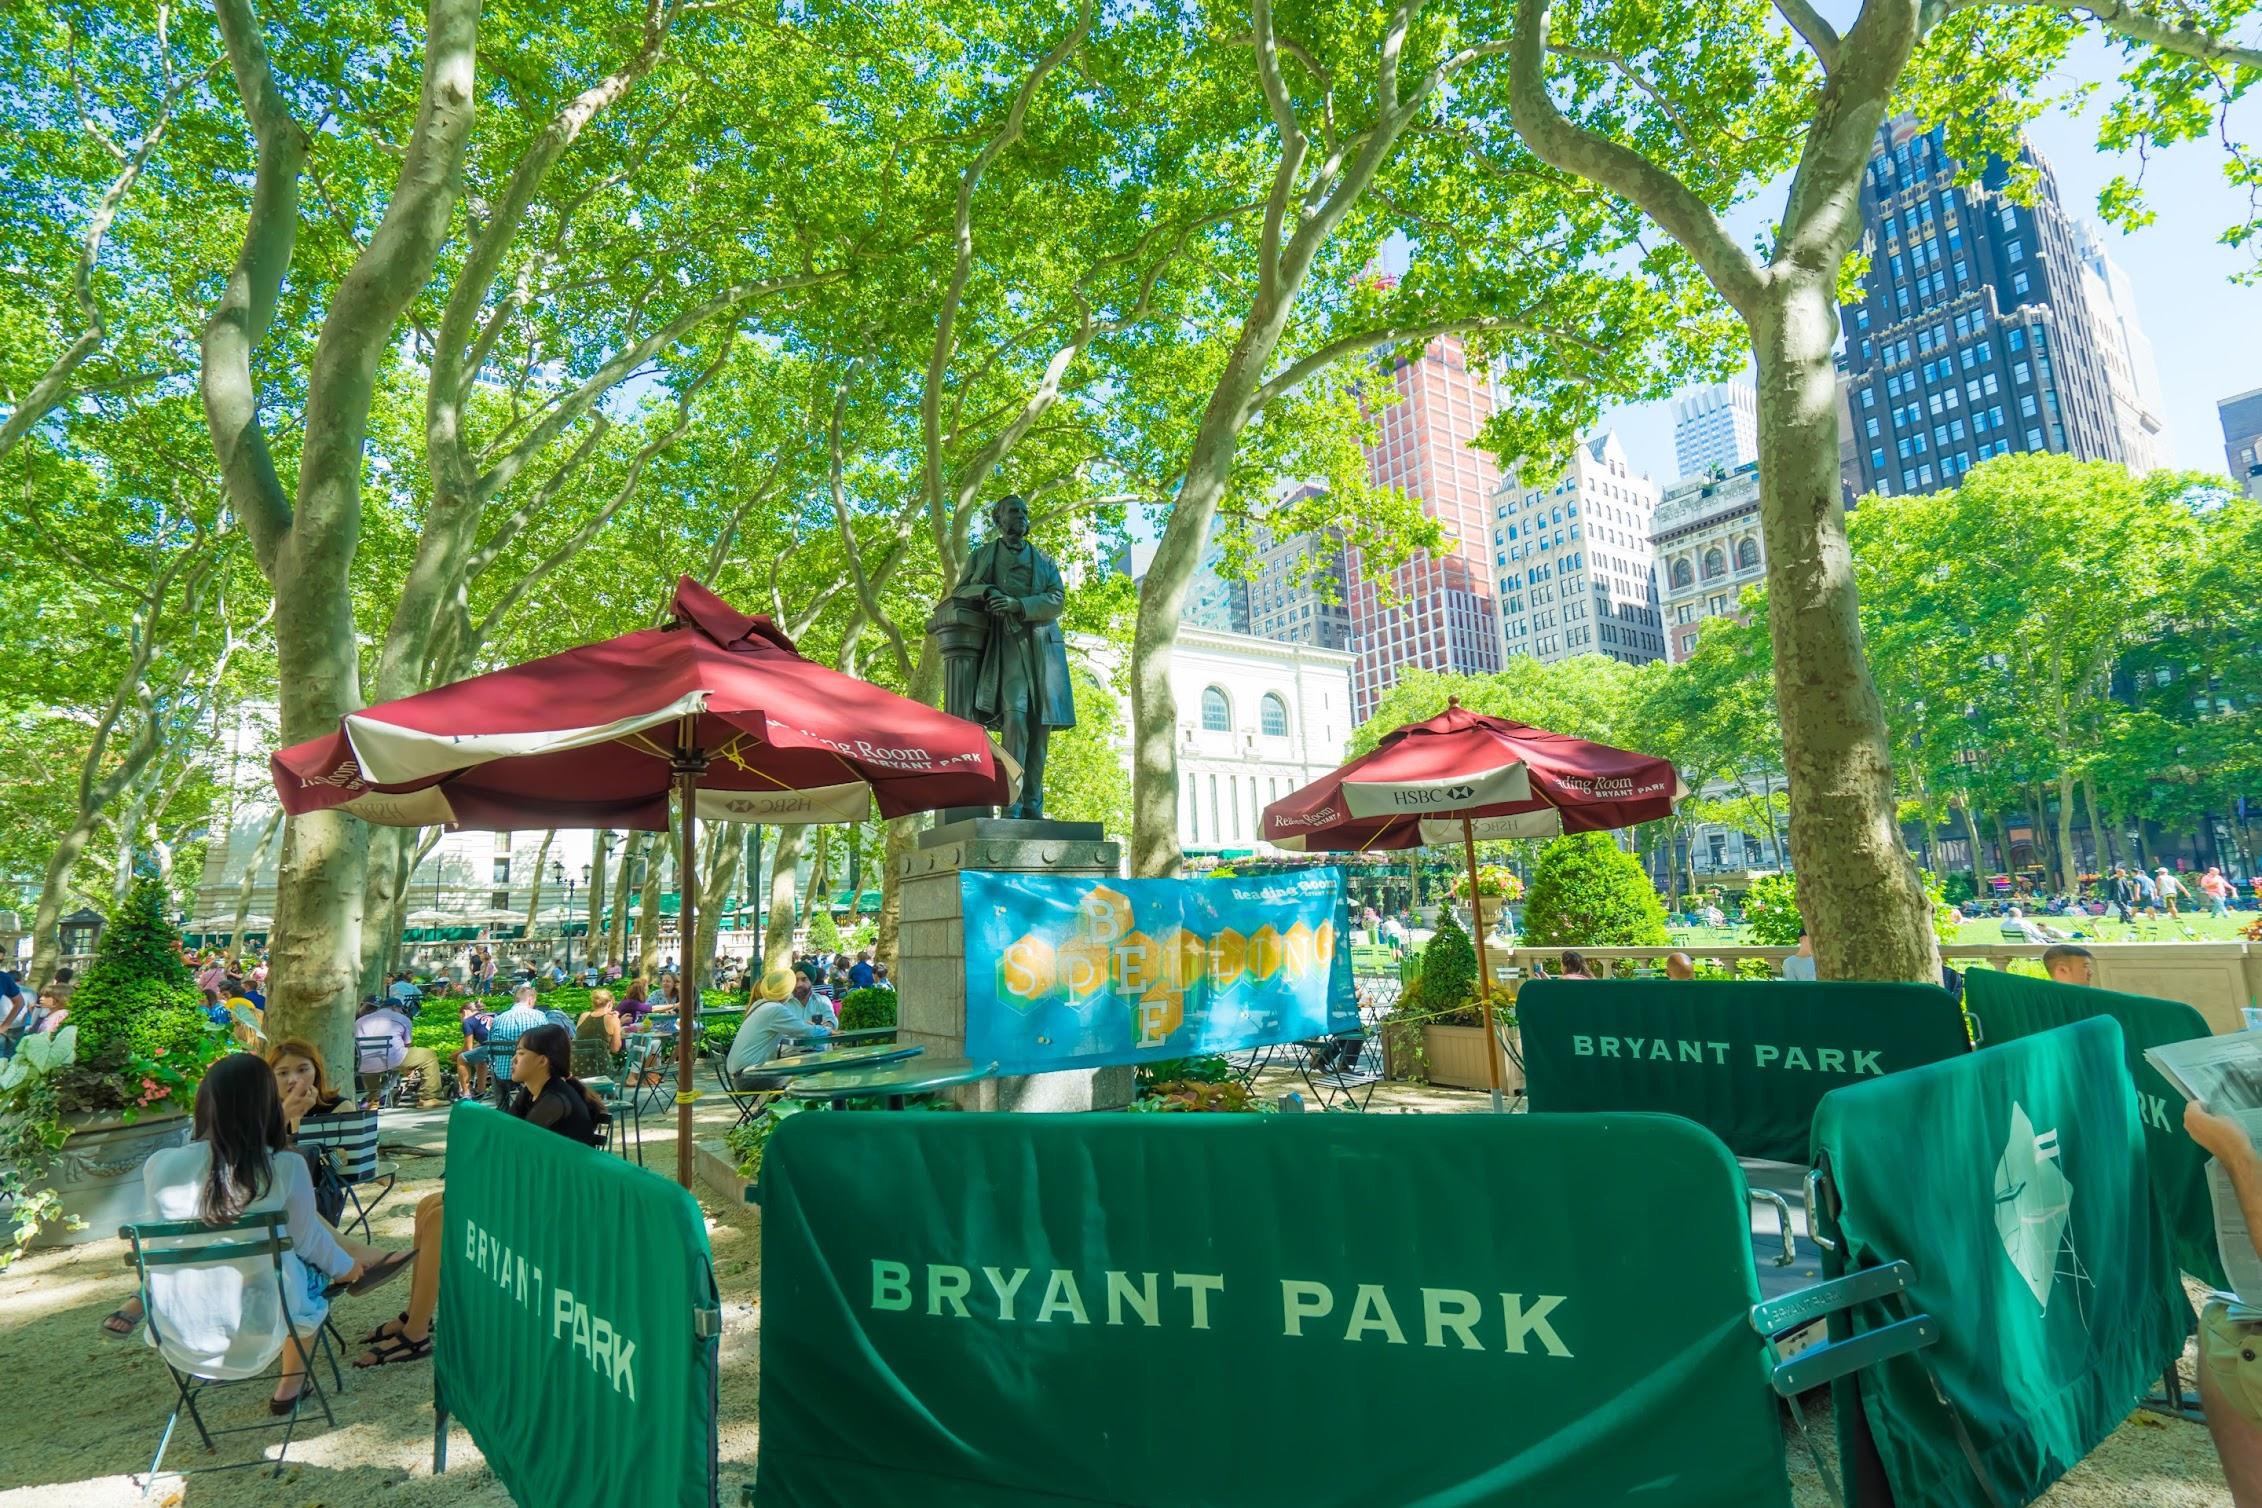 ニューヨーク ブライアント・パーク(Bryant Park)1